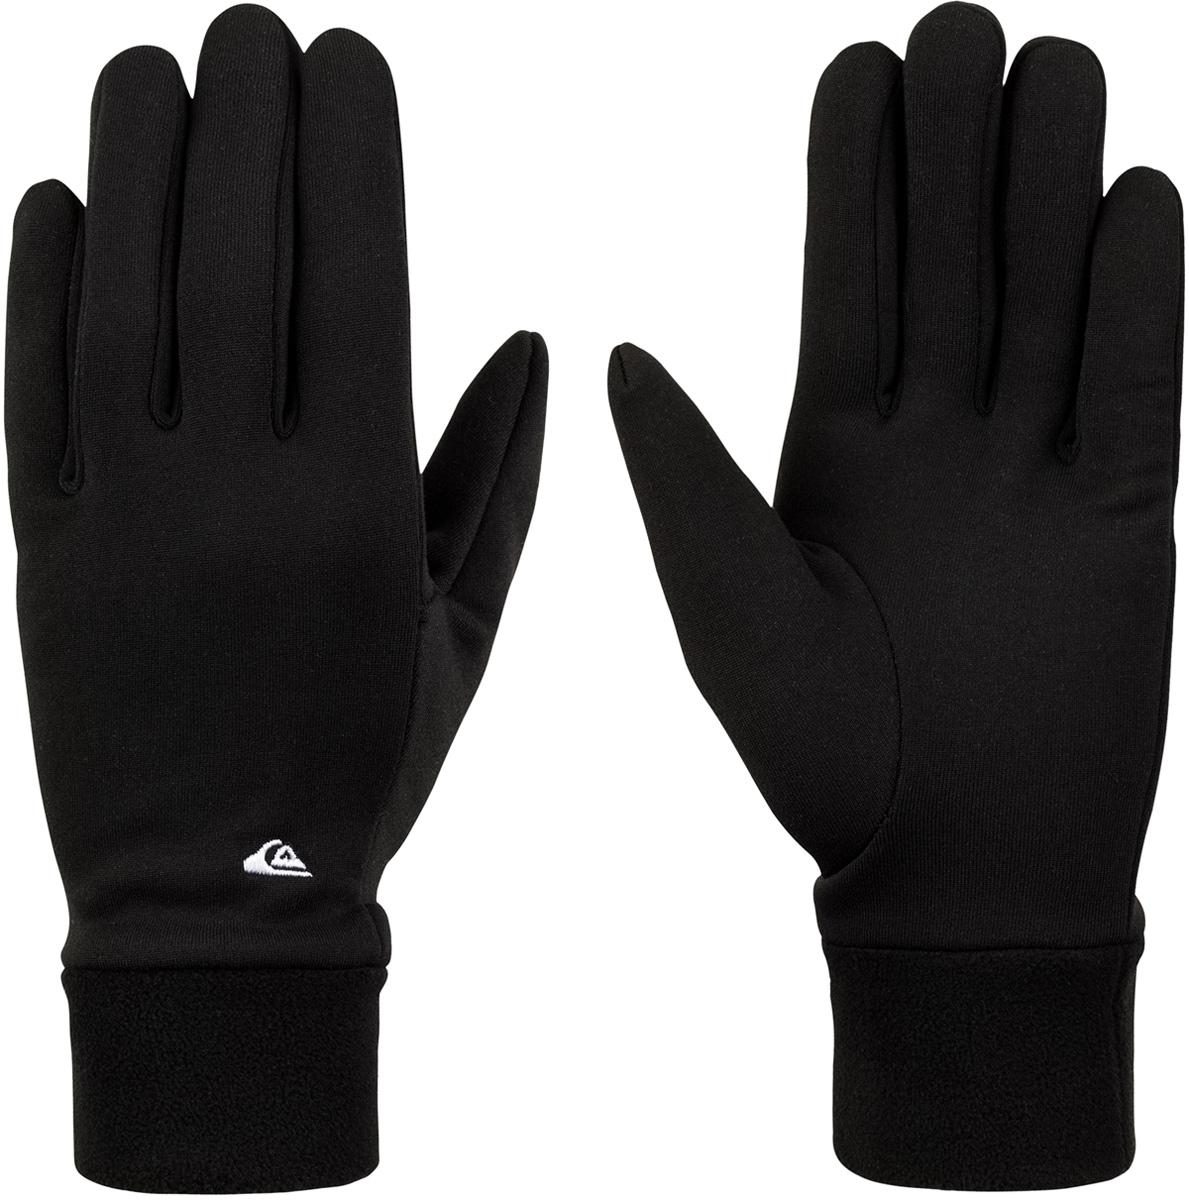 Перчатки мужские Quiksilver, цвет: черный. EQYHN03102-KVJ0. Размер XL (10)EQYHN03102-KVJ0Мужские перчатки Quiksilver выполнены из полиэстера. Перчатки станут великолепным дополнением вашего образа и защитят ваши руки от холода и ветра во время занятий спортом.